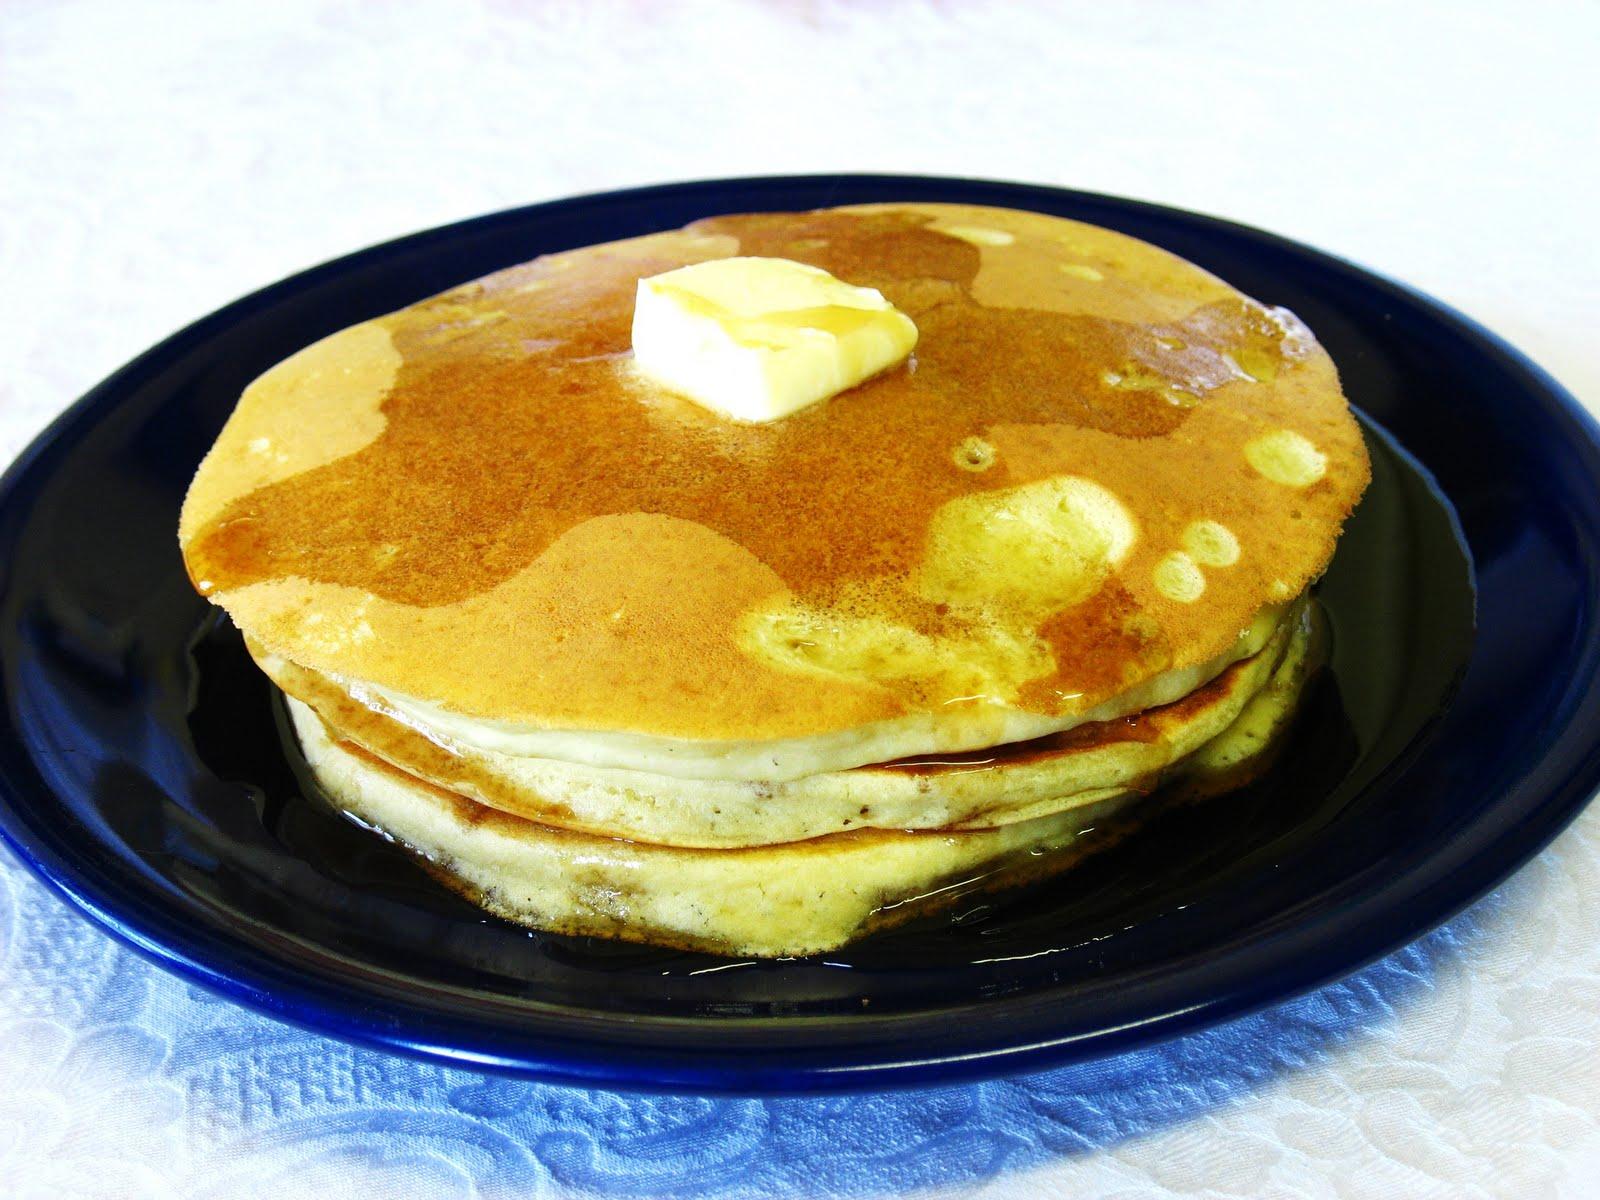 The Gluten Free Spouse: Gluten Free Pancakes